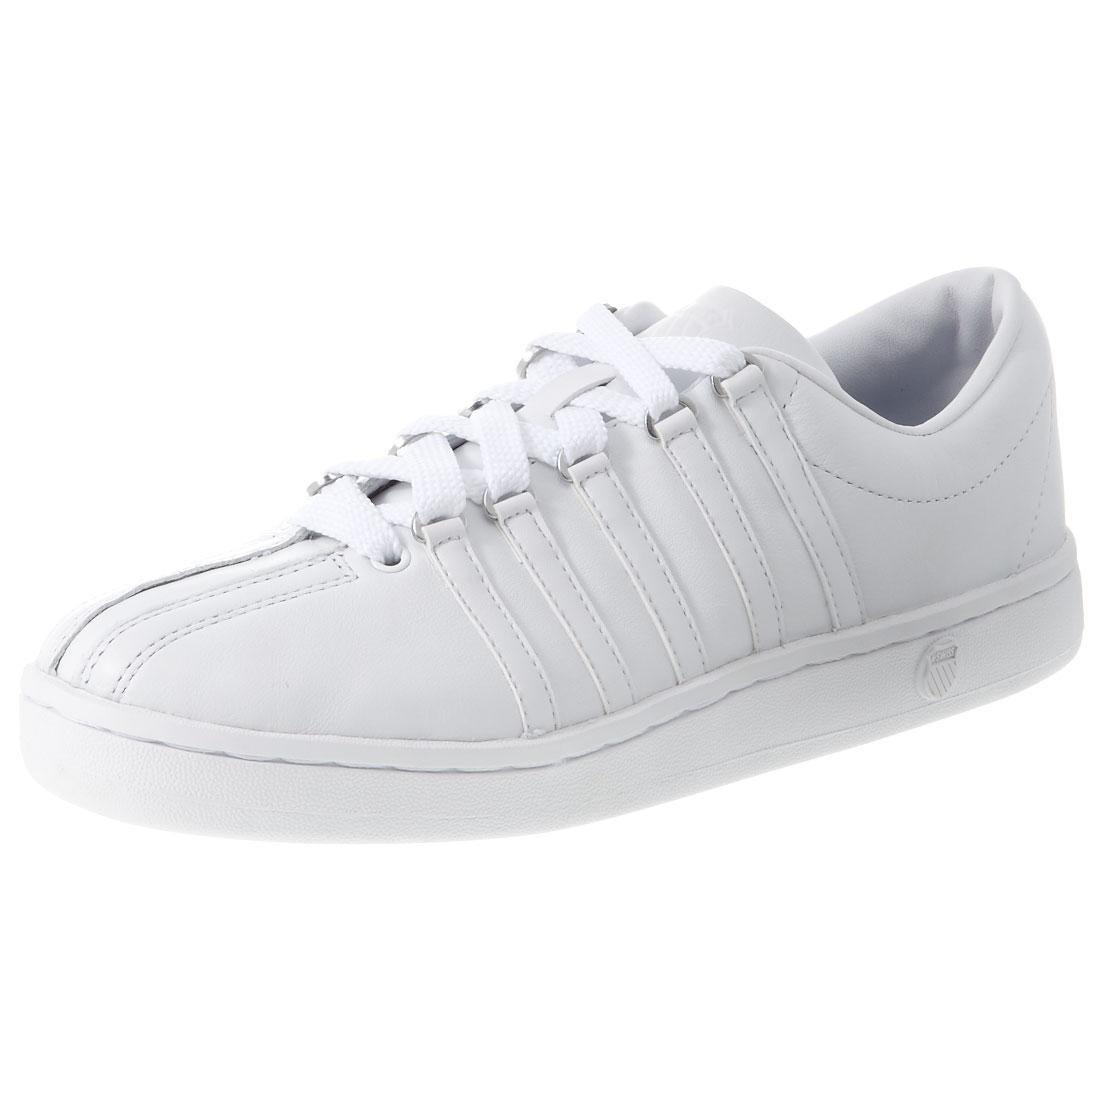 KSWISS ケースイス ザ クラシック / K・SWISS THE CLASSIC(ホワイト) ,靴とファッションの通販サイト ロコンド